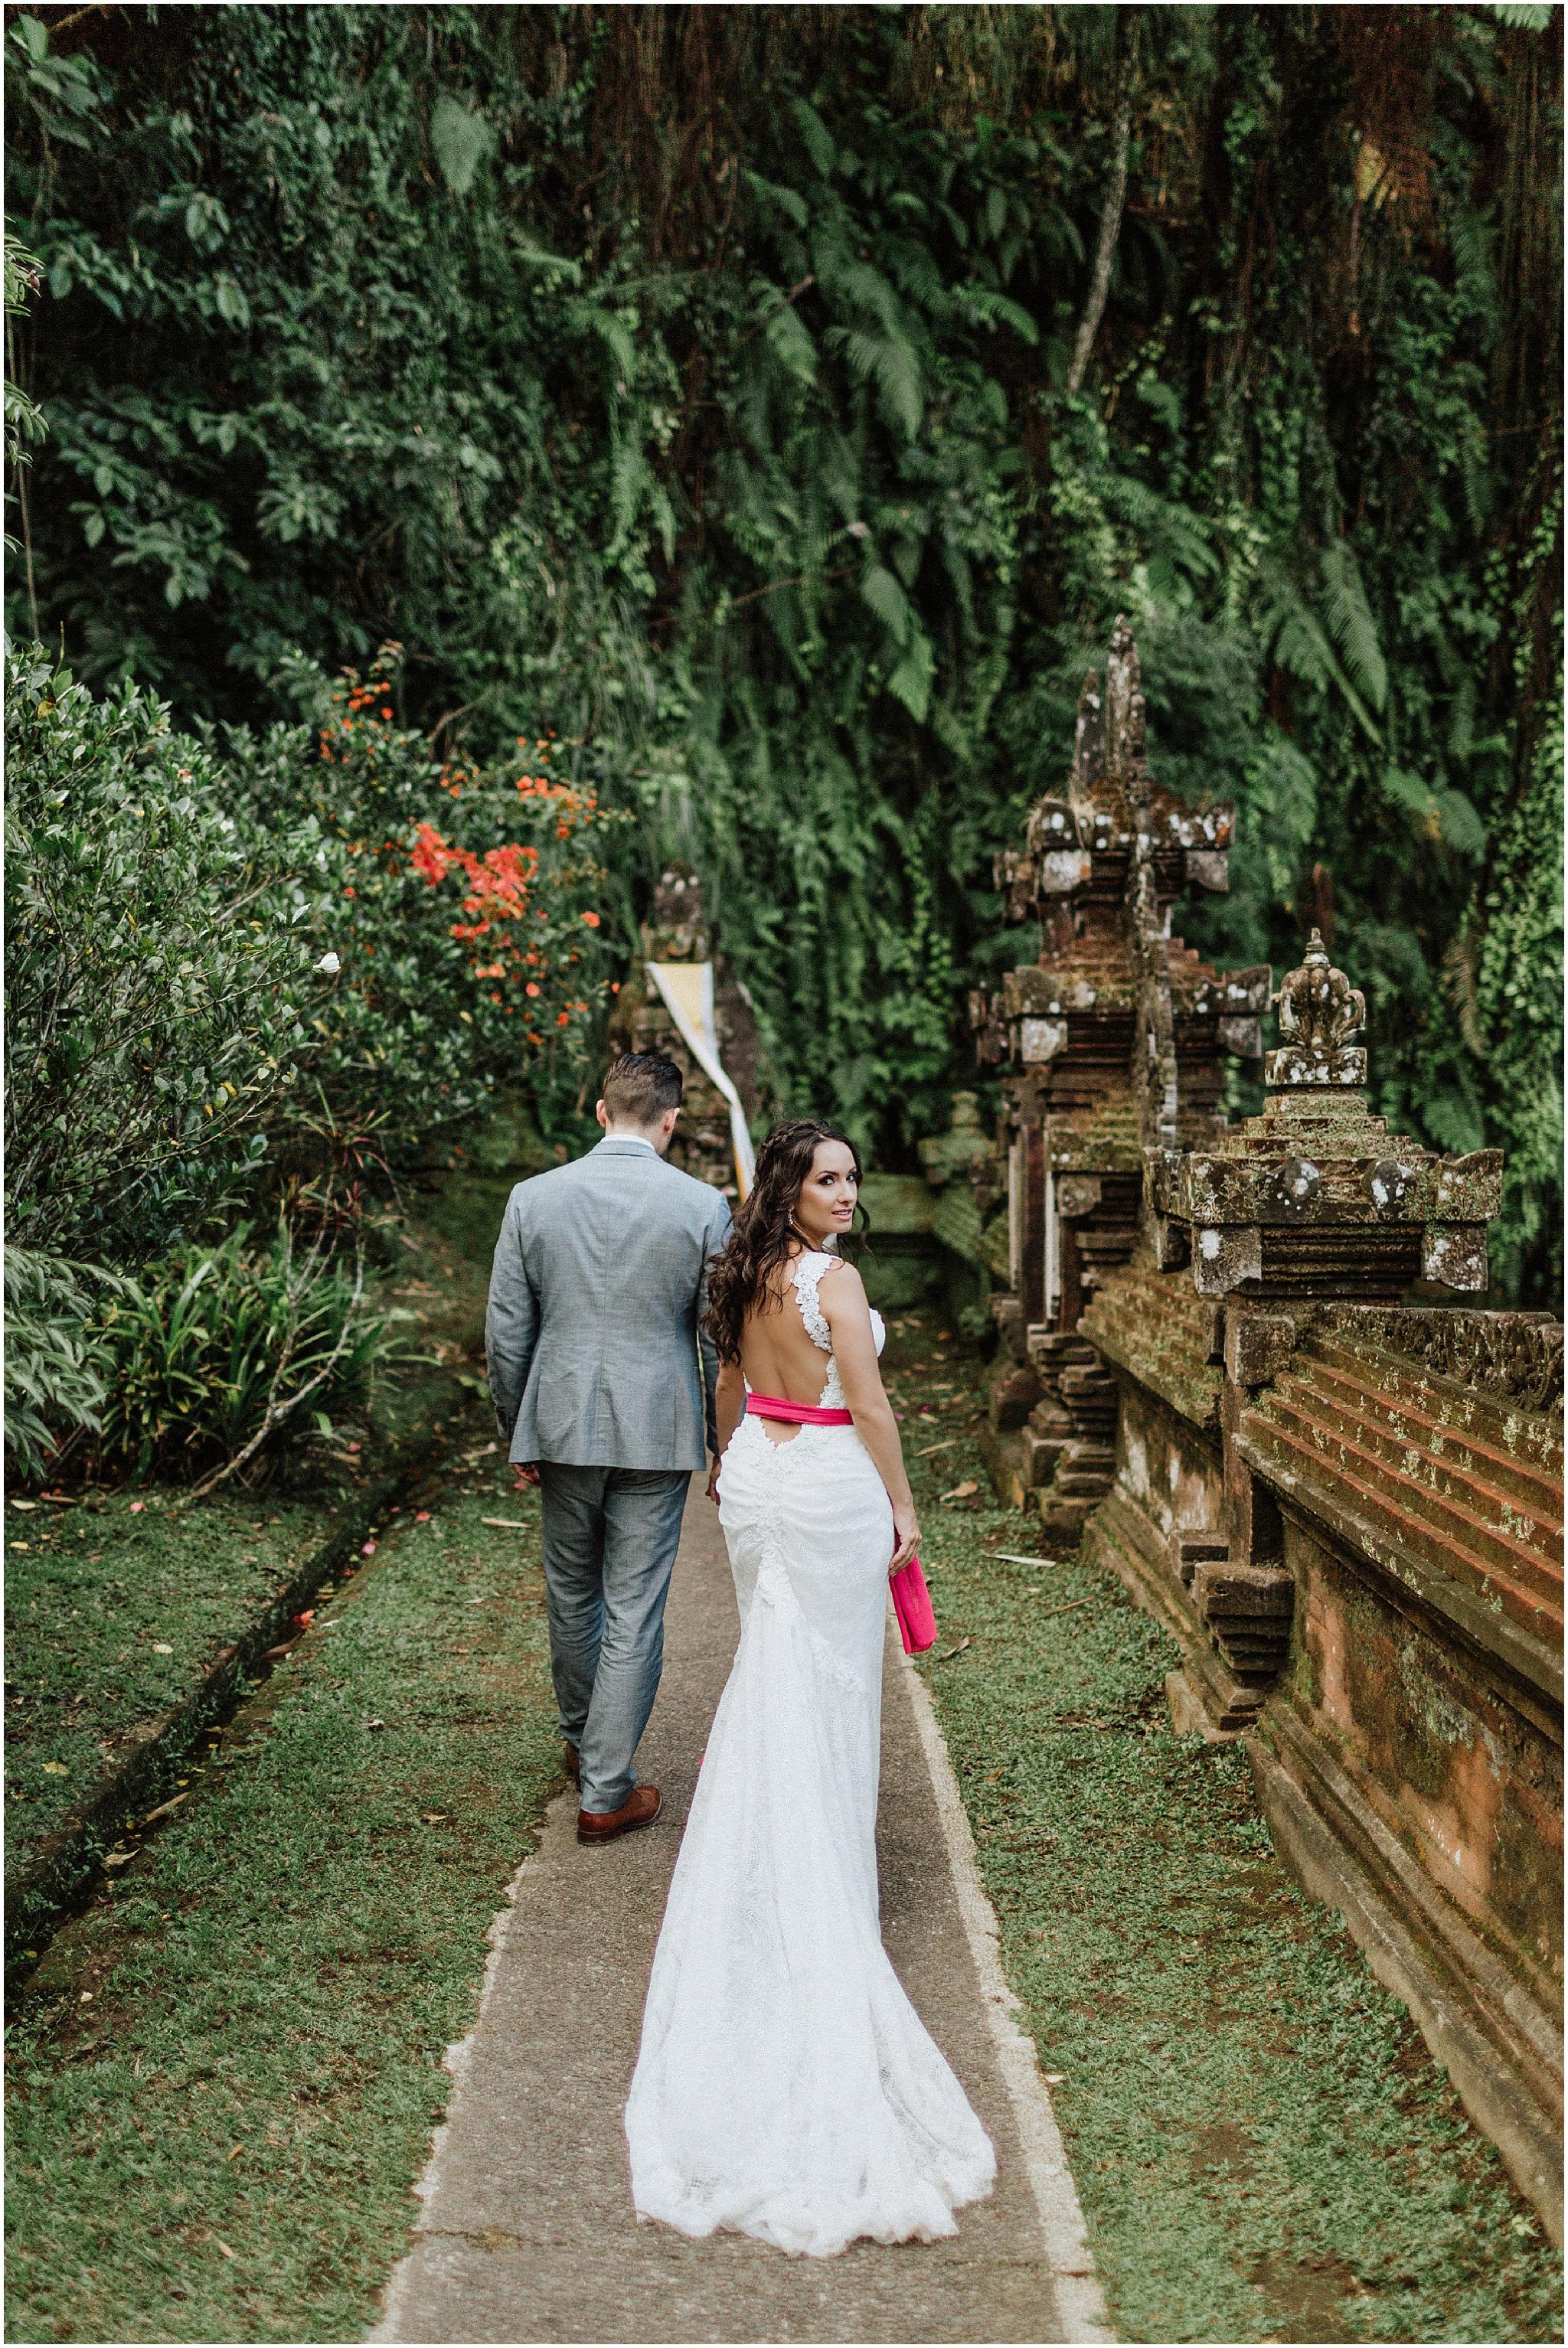 Lianne & Chris in Bali